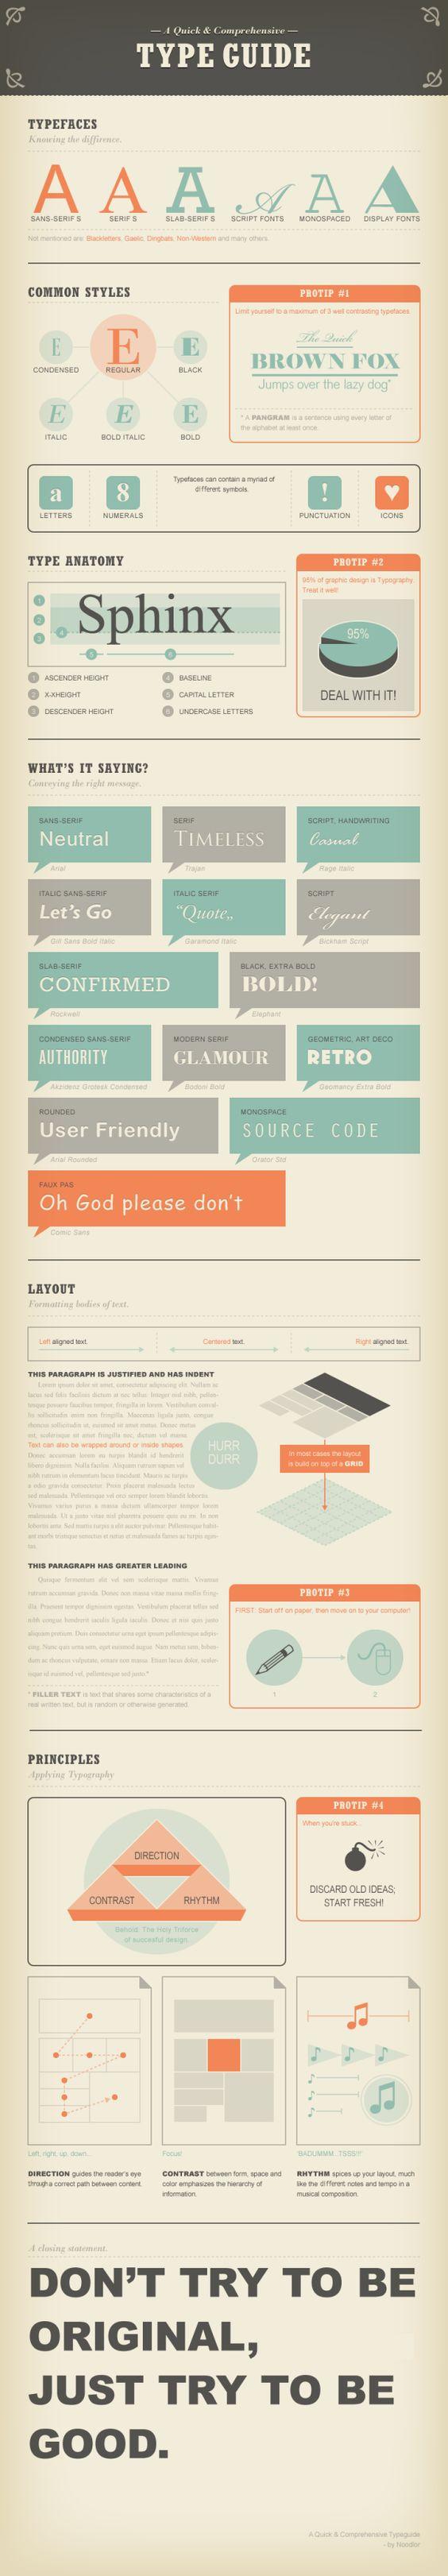 22 besten Integrationsprojekt Moodboard Bilder auf Pinterest